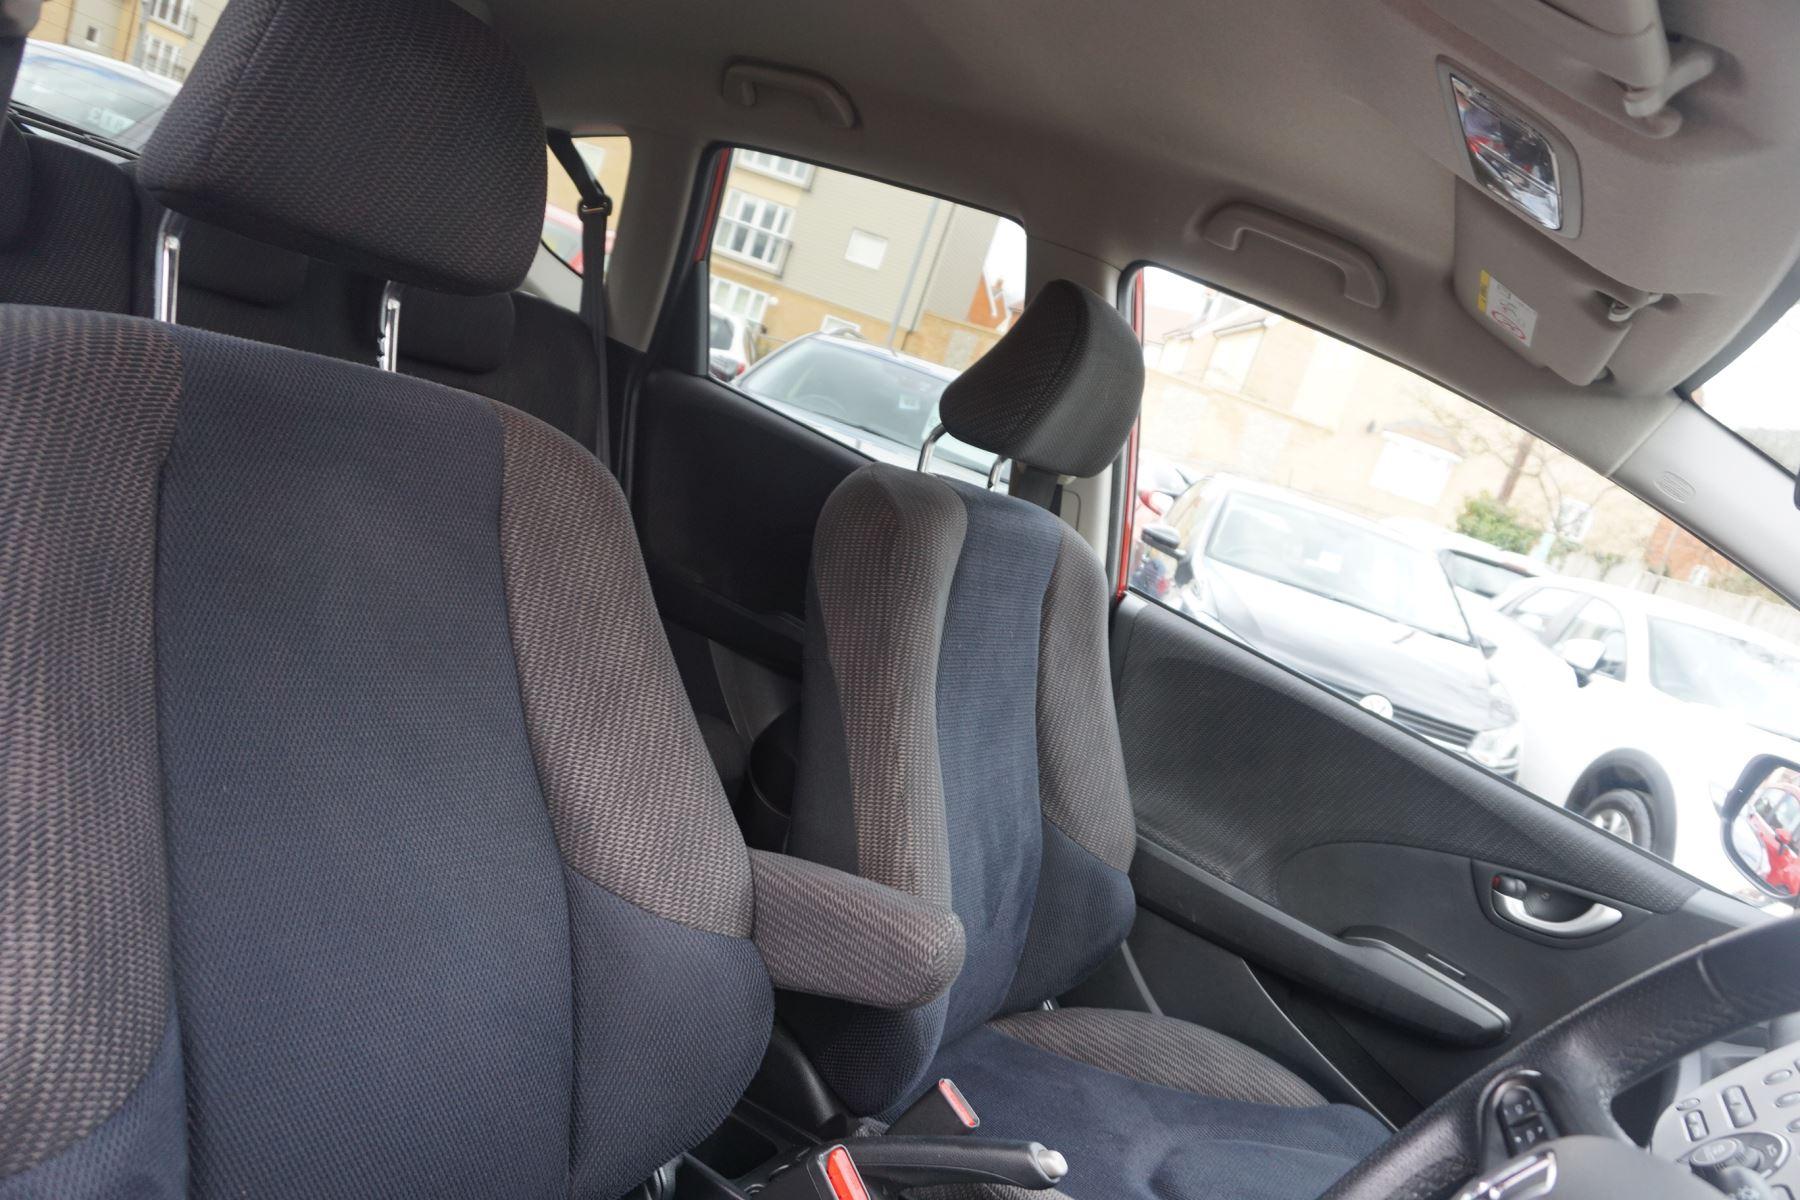 Honda Jazz 1.4 i-VTEC ES Plus CVT image 17